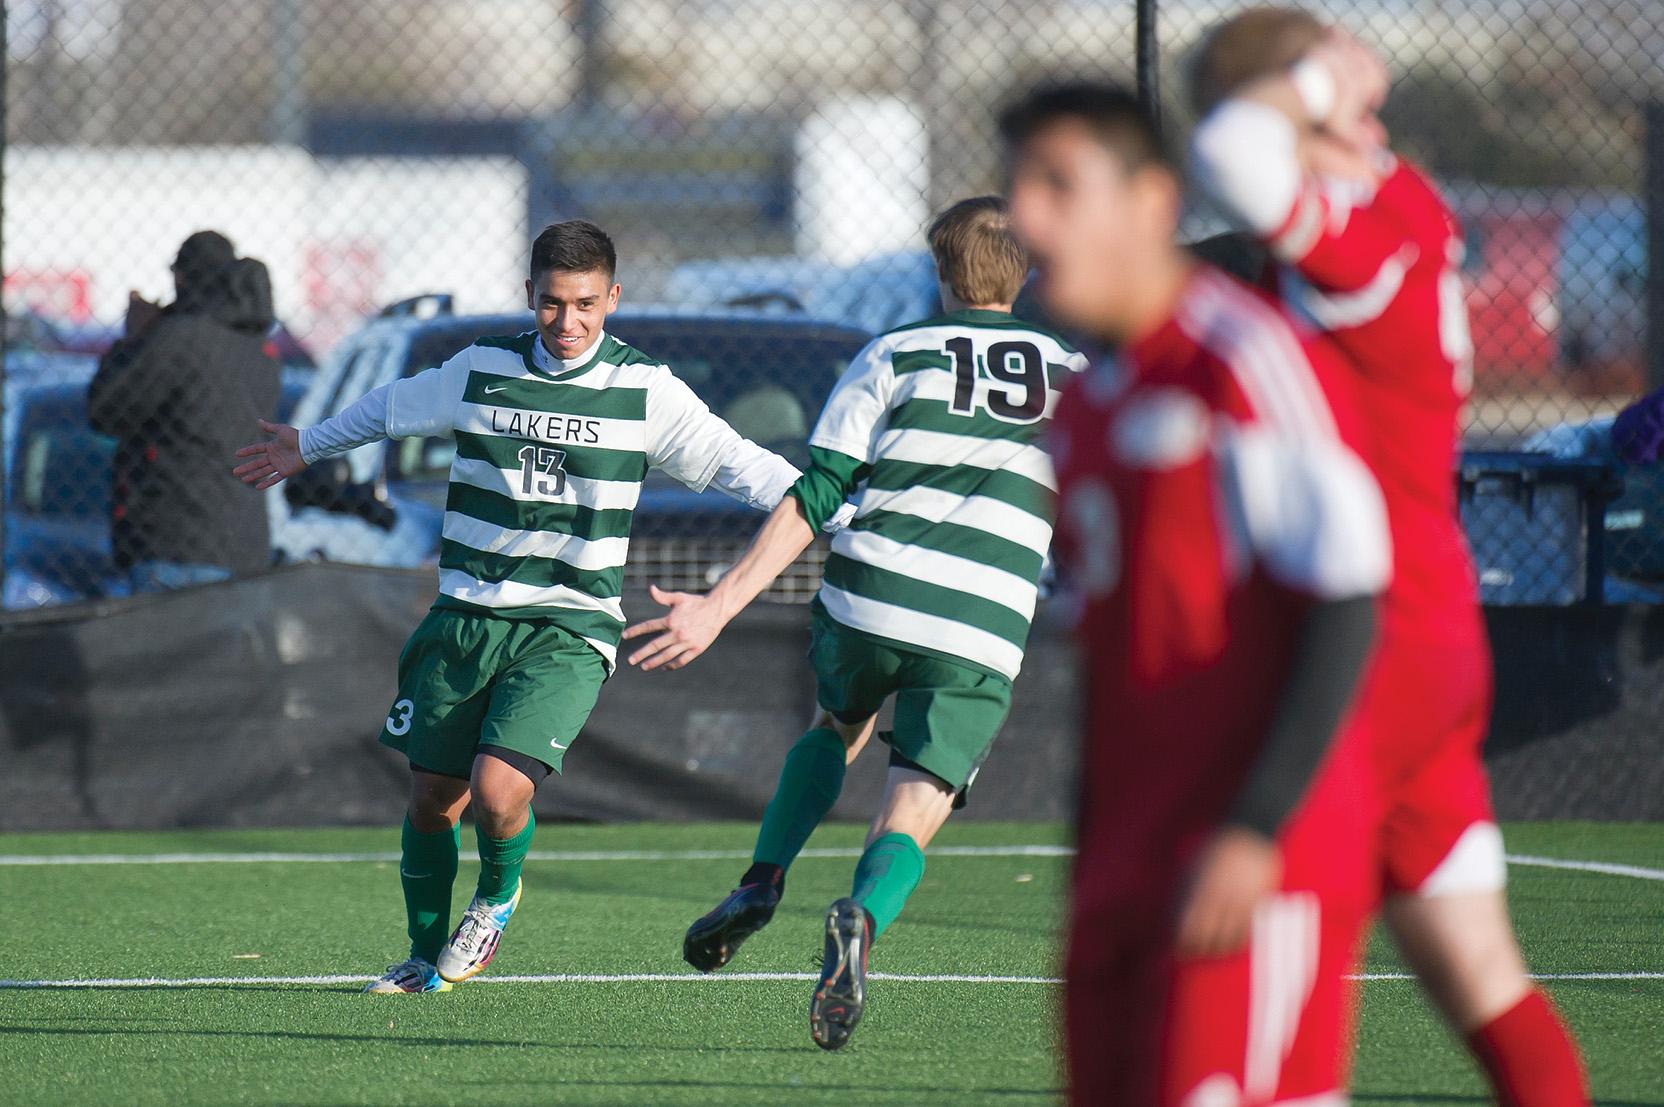 Jose Garcia on the soccer field